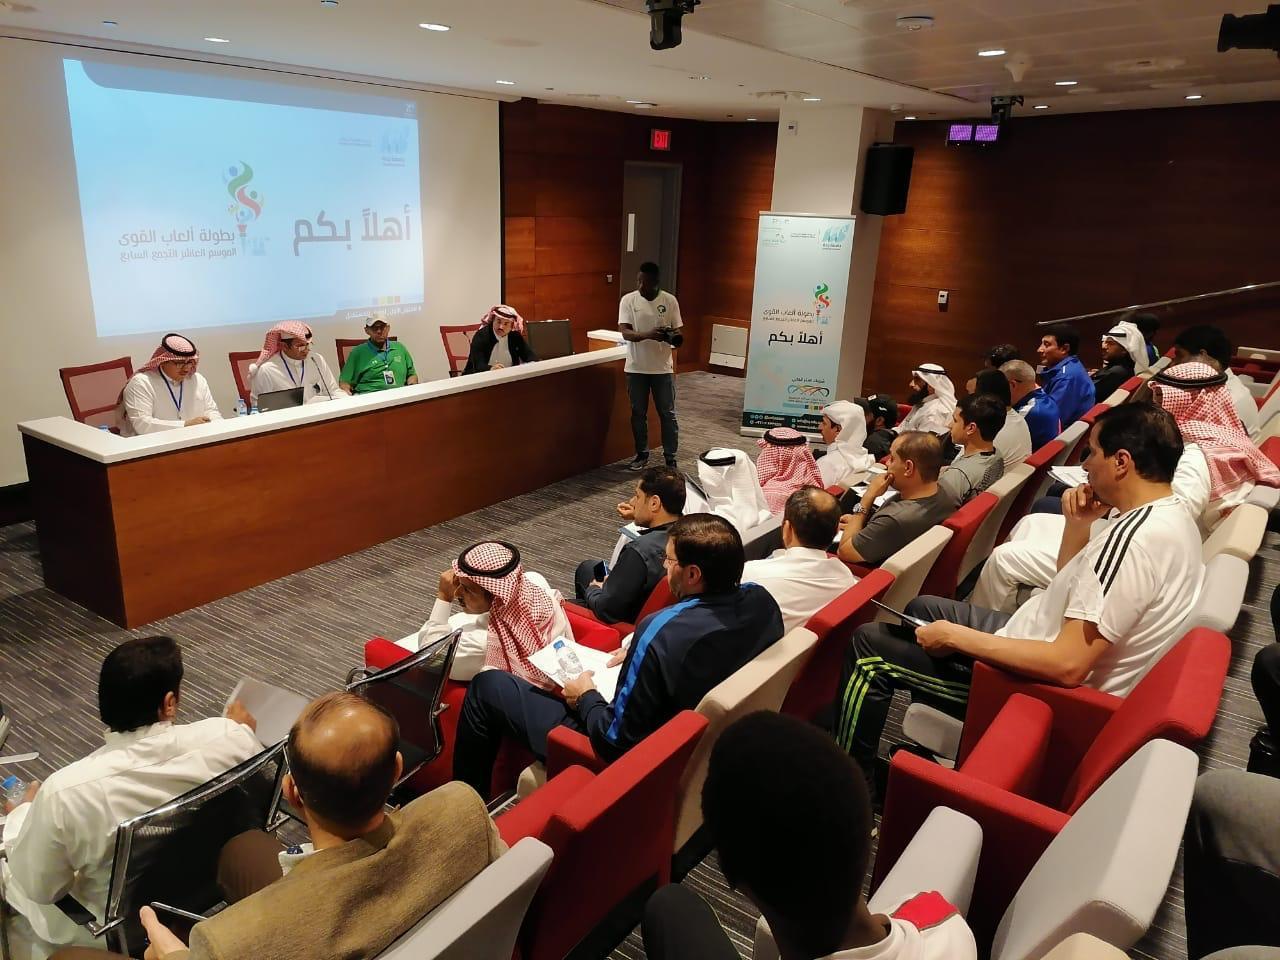 إجتماع تحضيري لفرق الجامعات السعودية المشاركة في بطولة ألعاب القوى